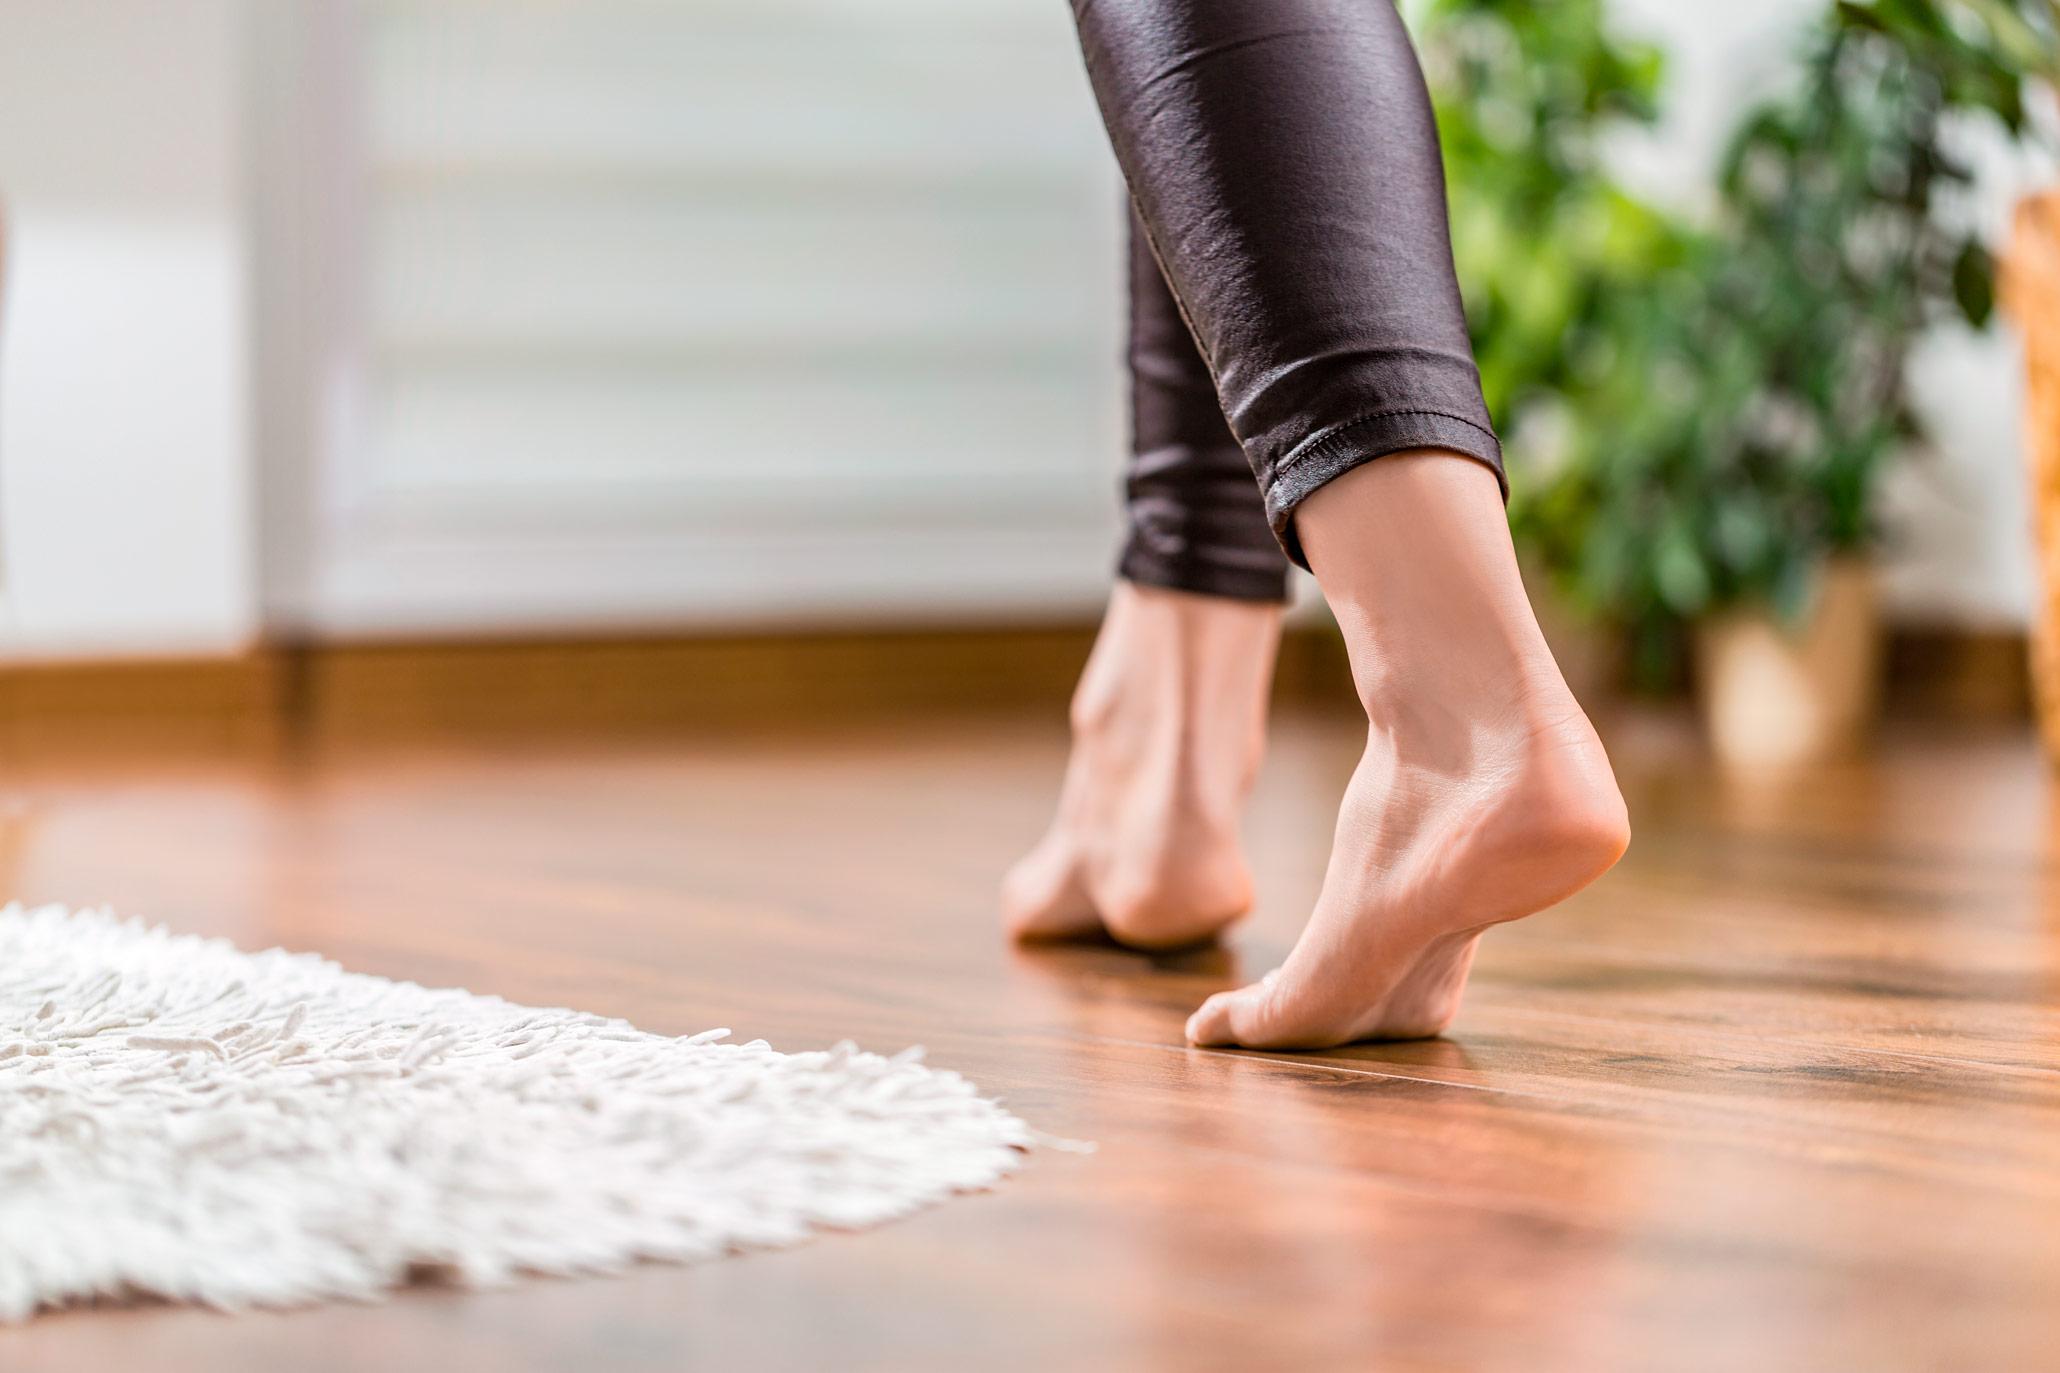 Barføtter på varmt gulv